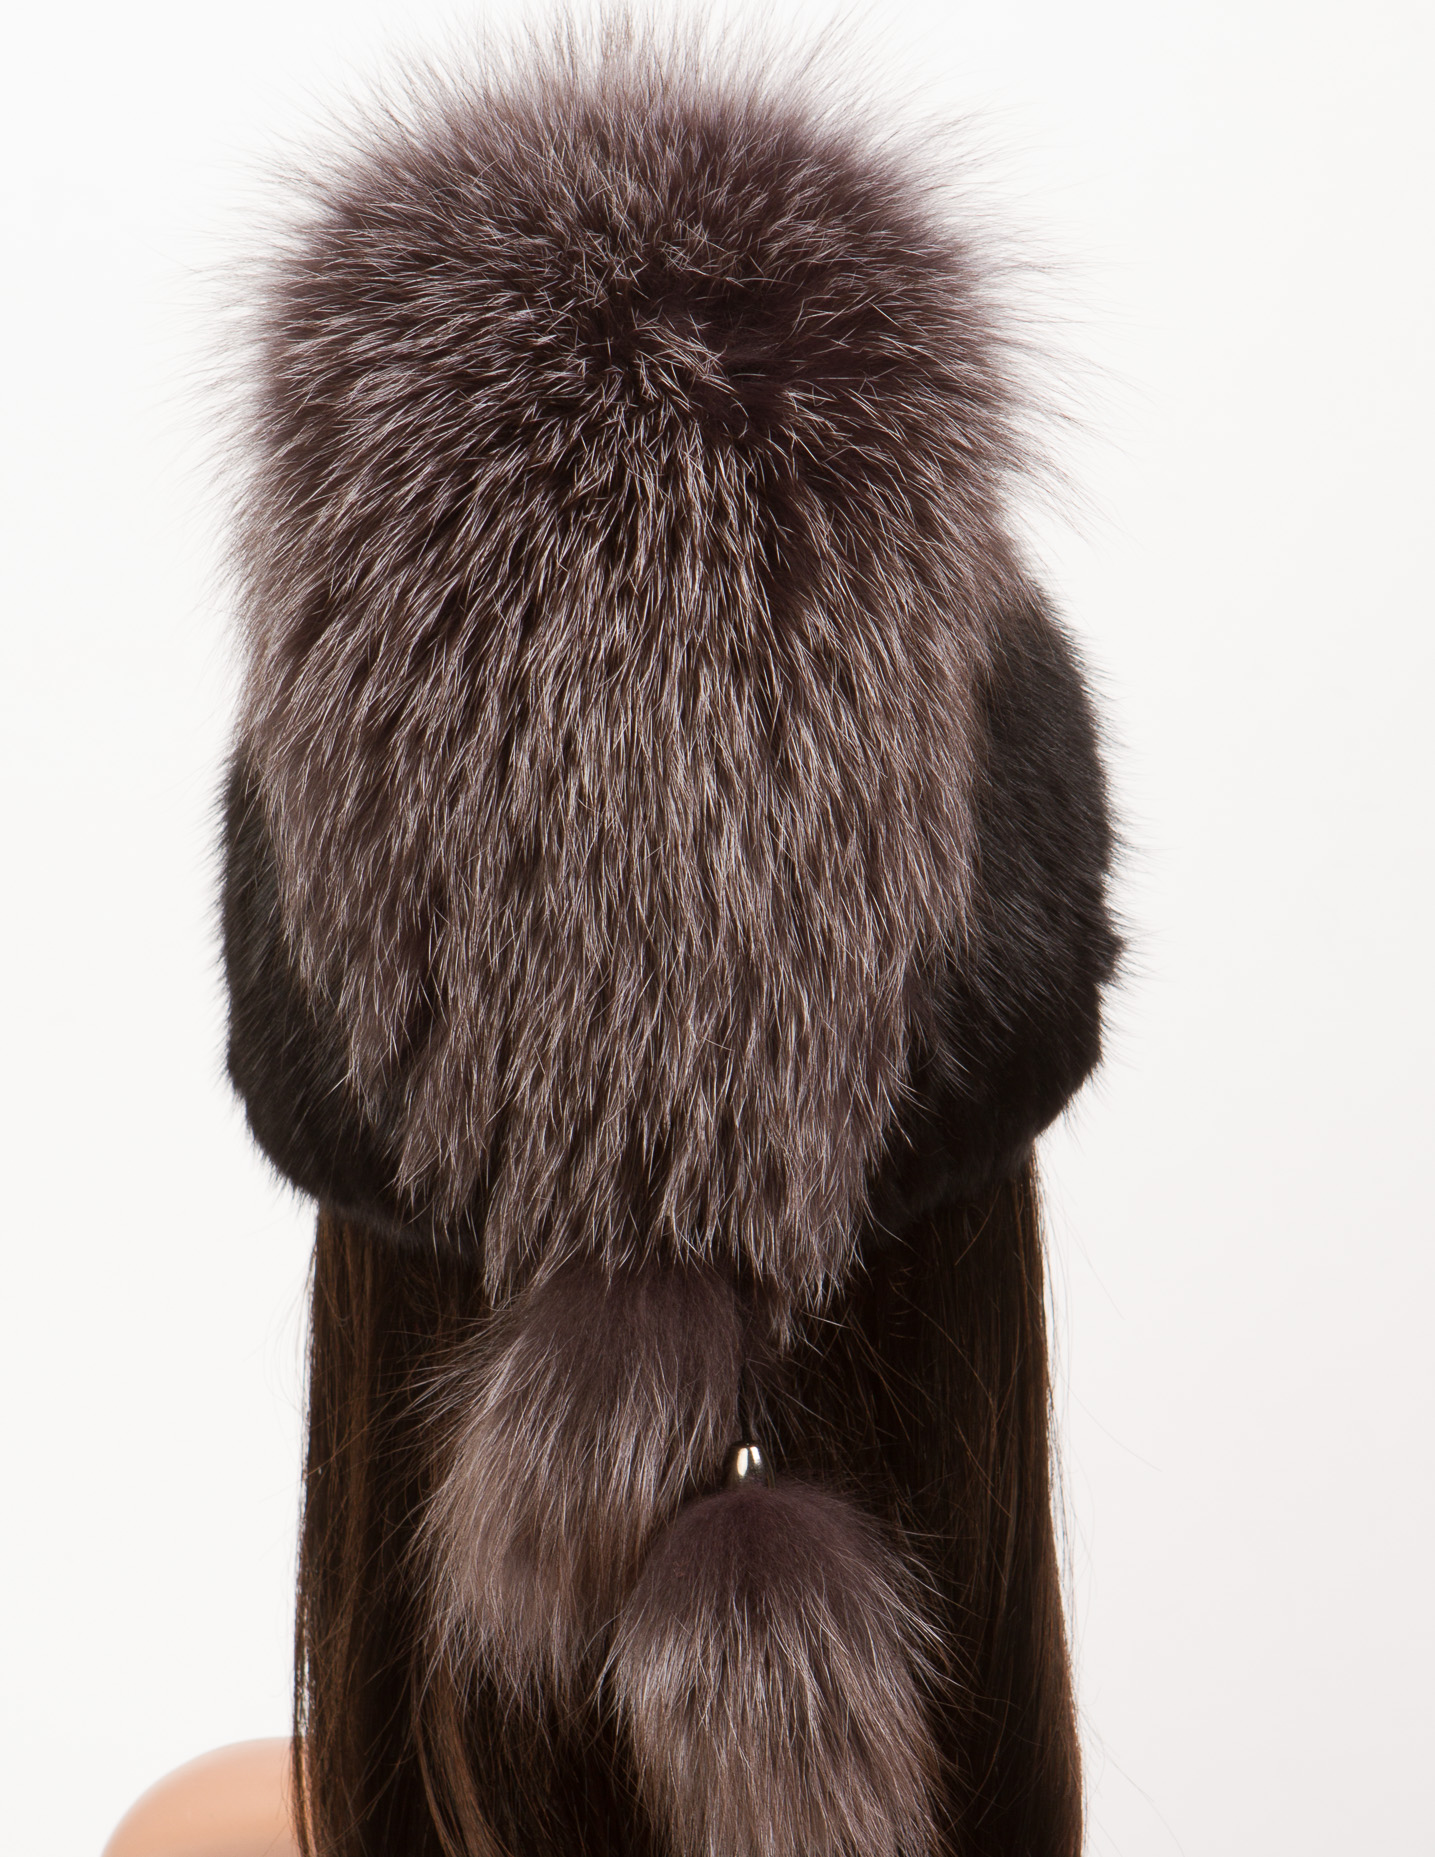 Шапка женская из ондатры, отделка блюфрост от Московская Меховая Компания